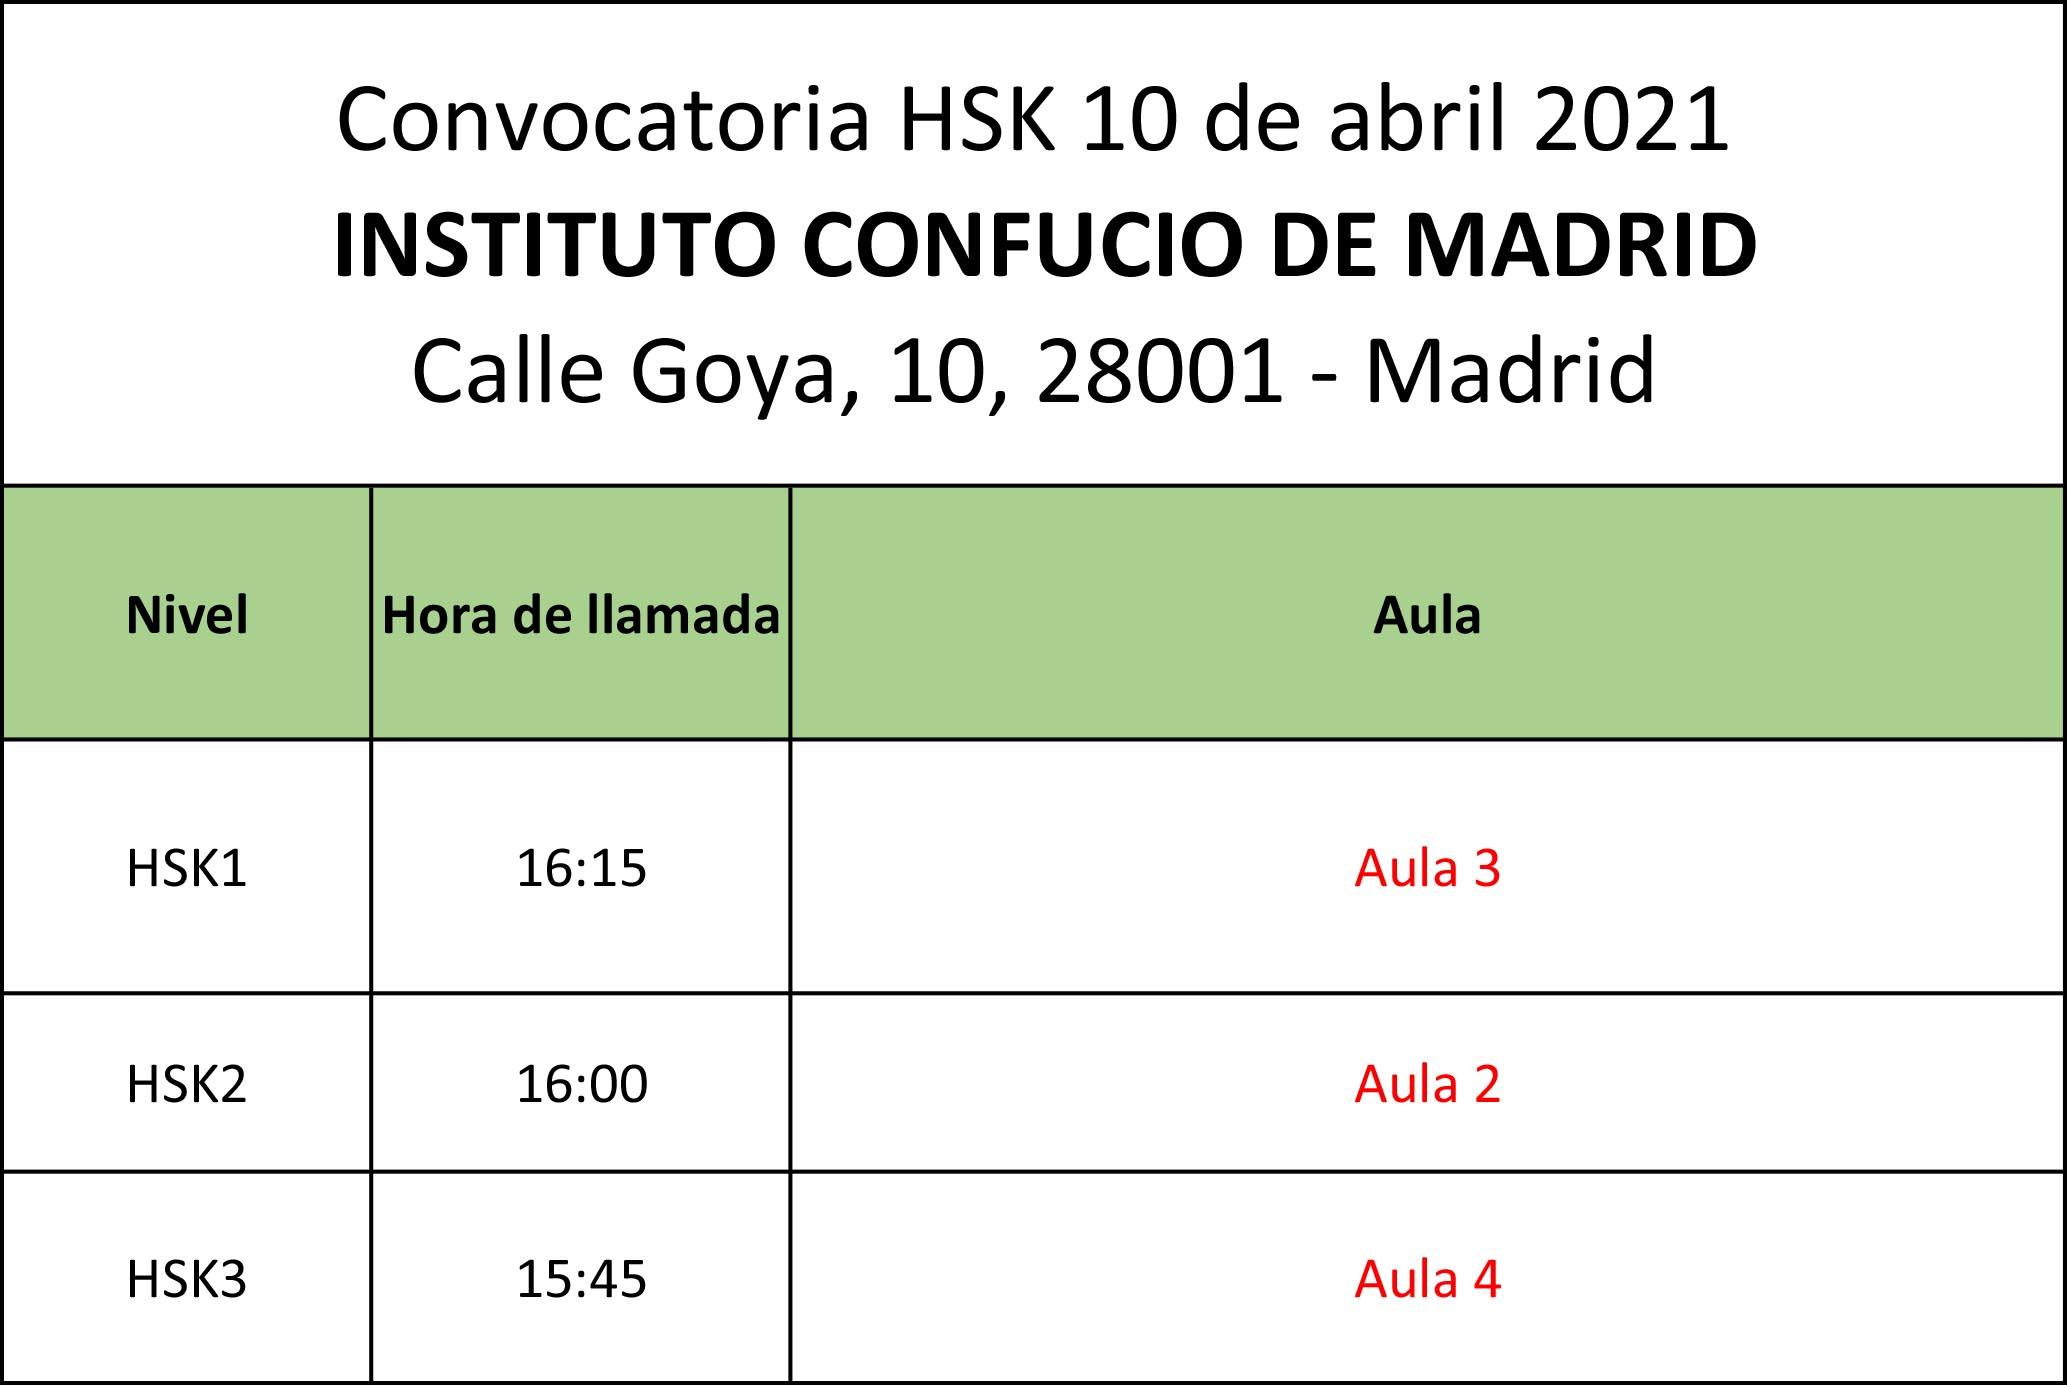 Disposición examen HSK 10 de abril 2021